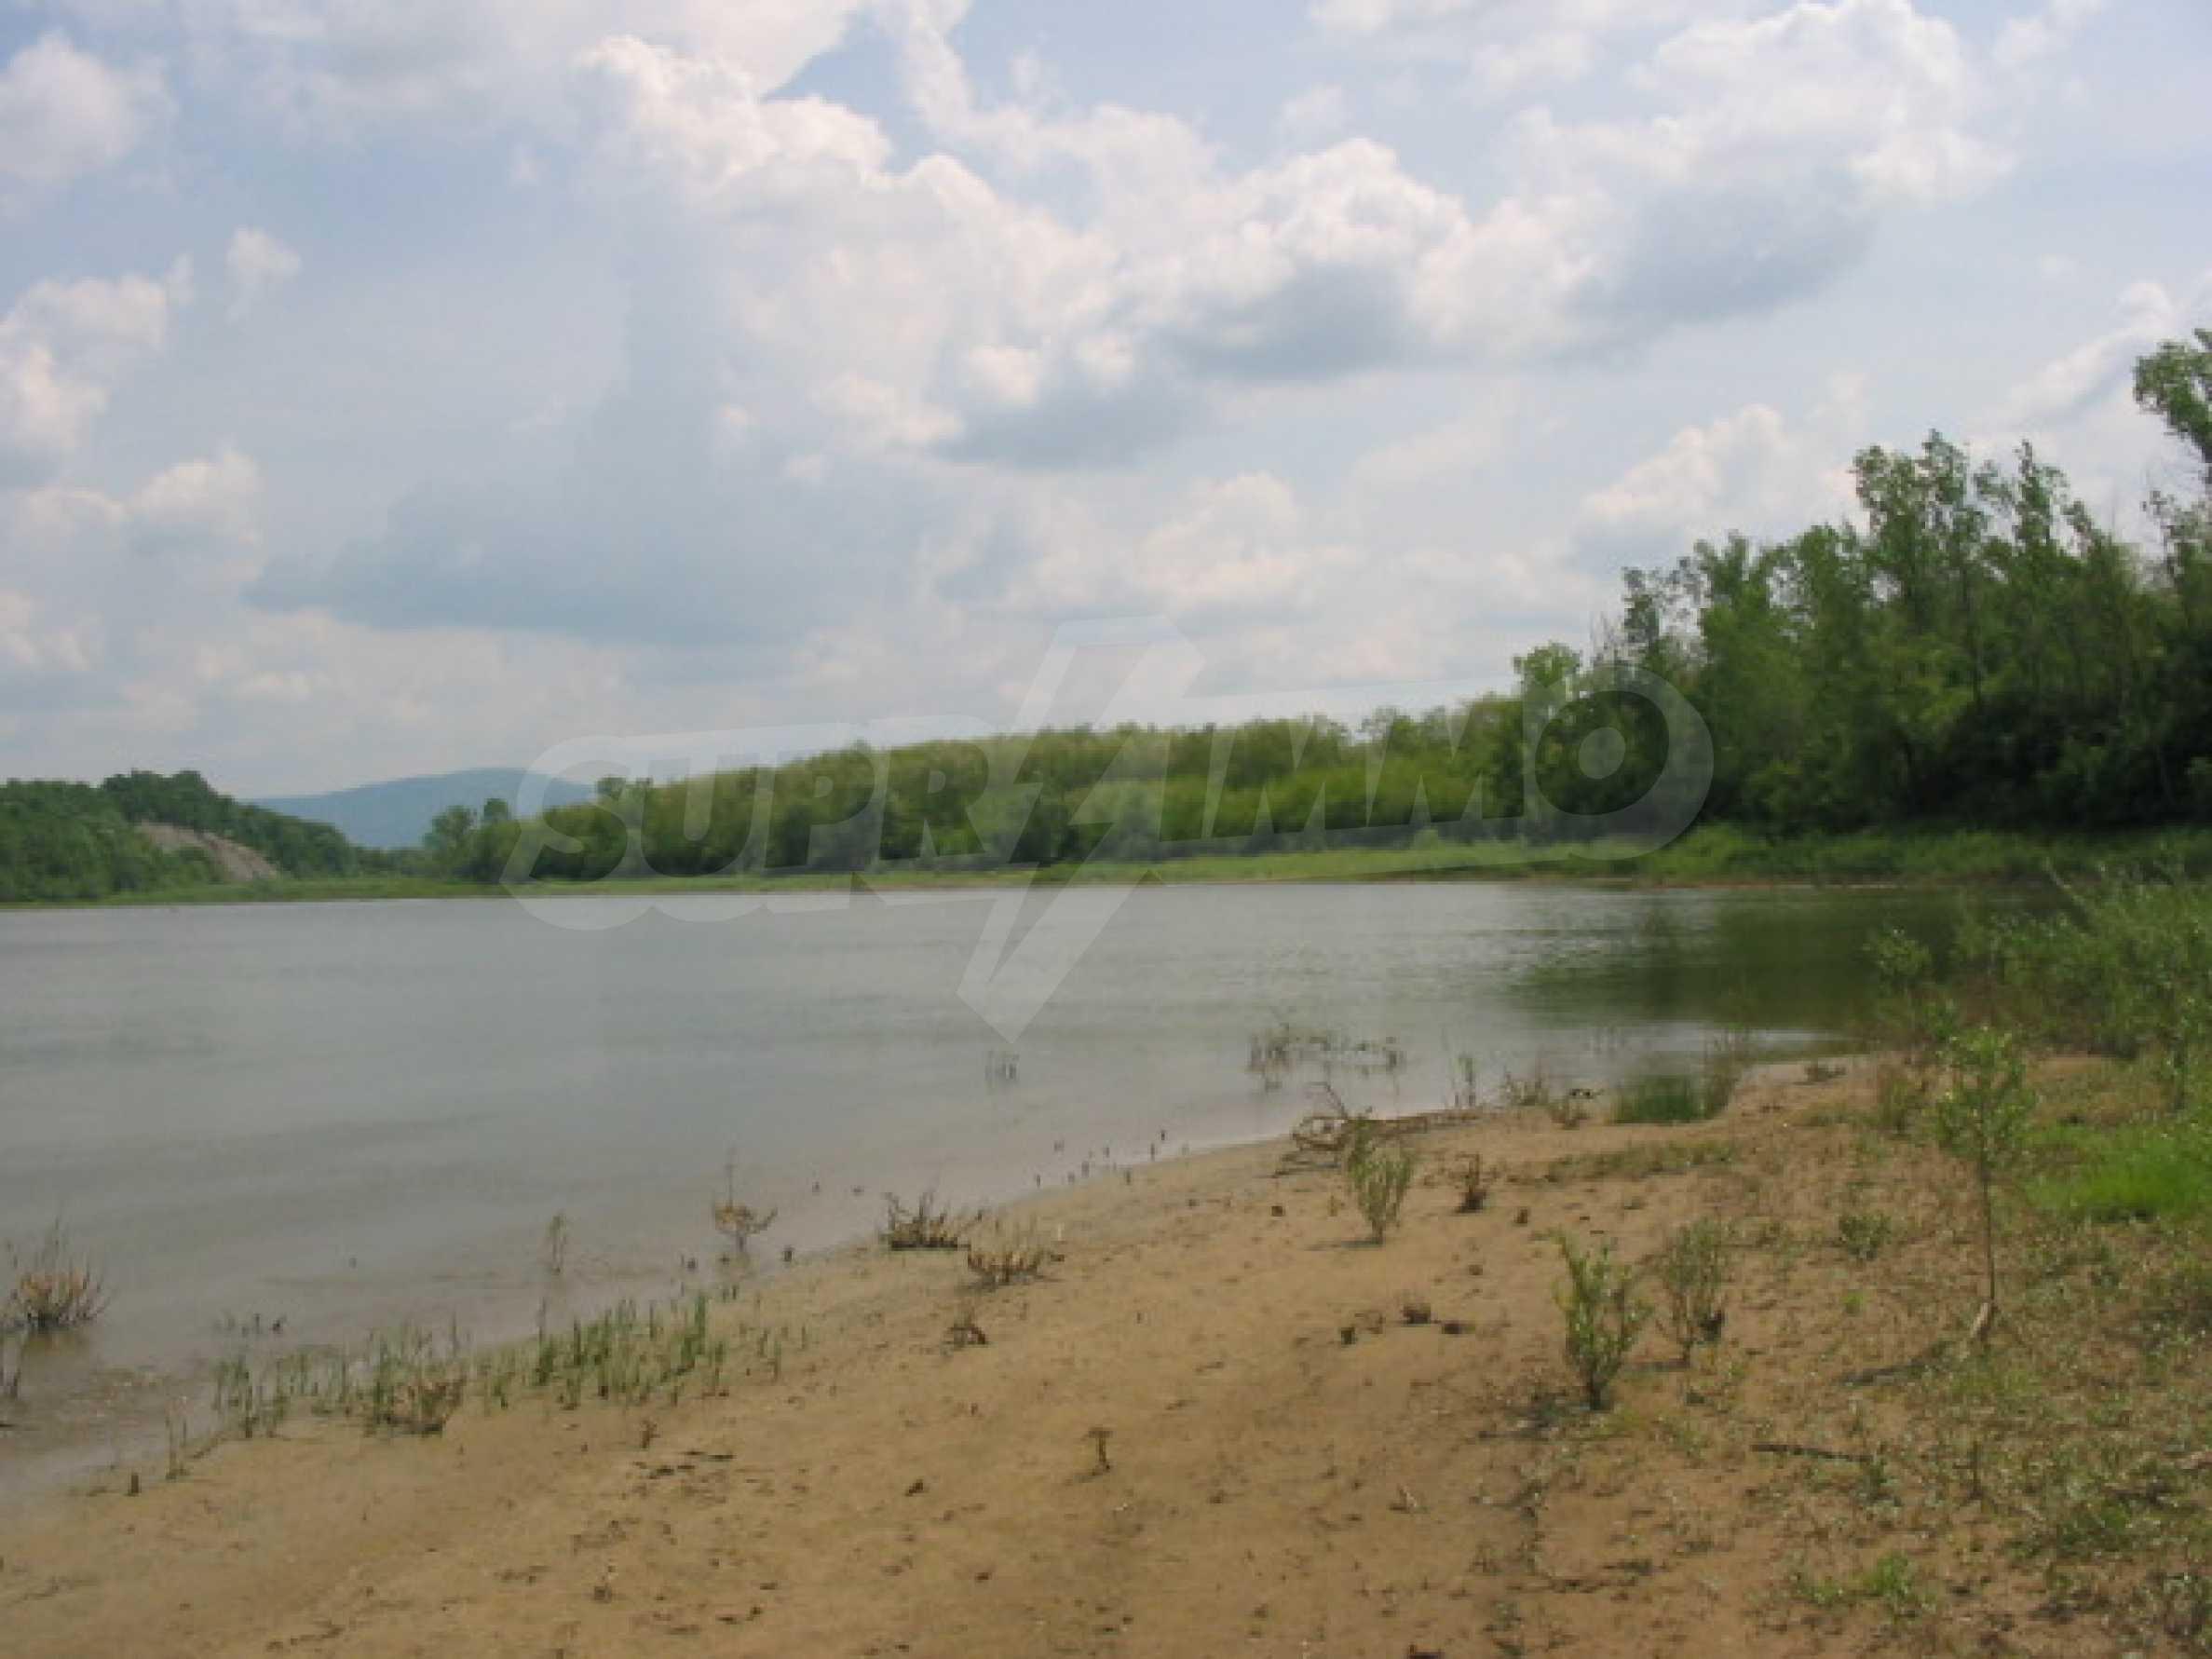 Damm mit angrenzendem Land 7 km von Veliko Tarnovo entfernt 6